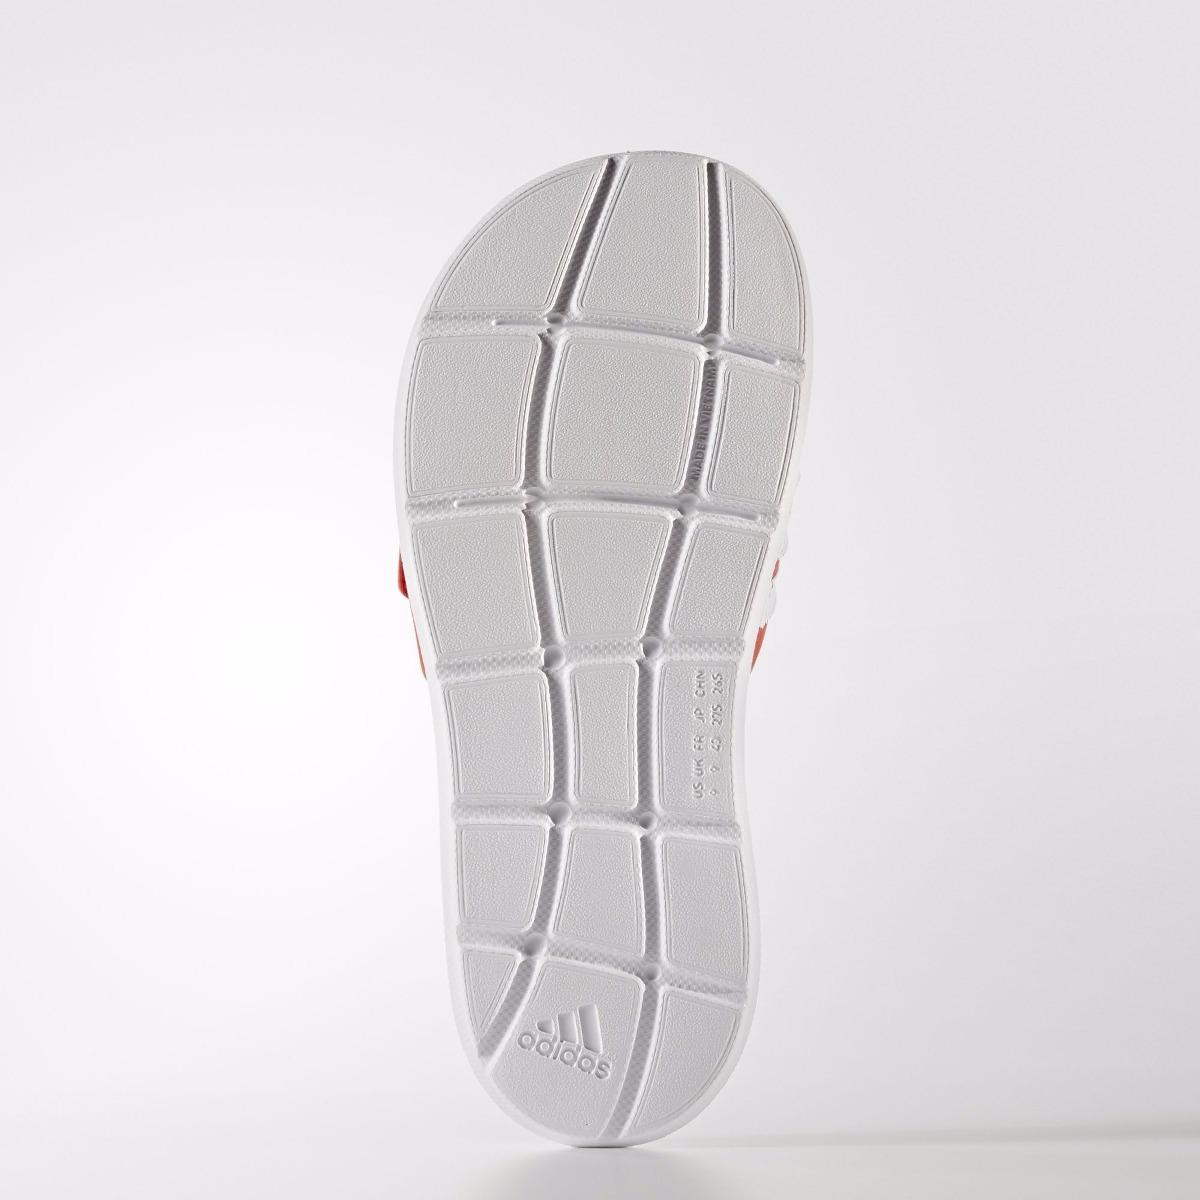 online retailer 661b3 af8d3 ojotas adidas natacion superstar 4g c abrojo rojo c blanco. Cargando zoom.